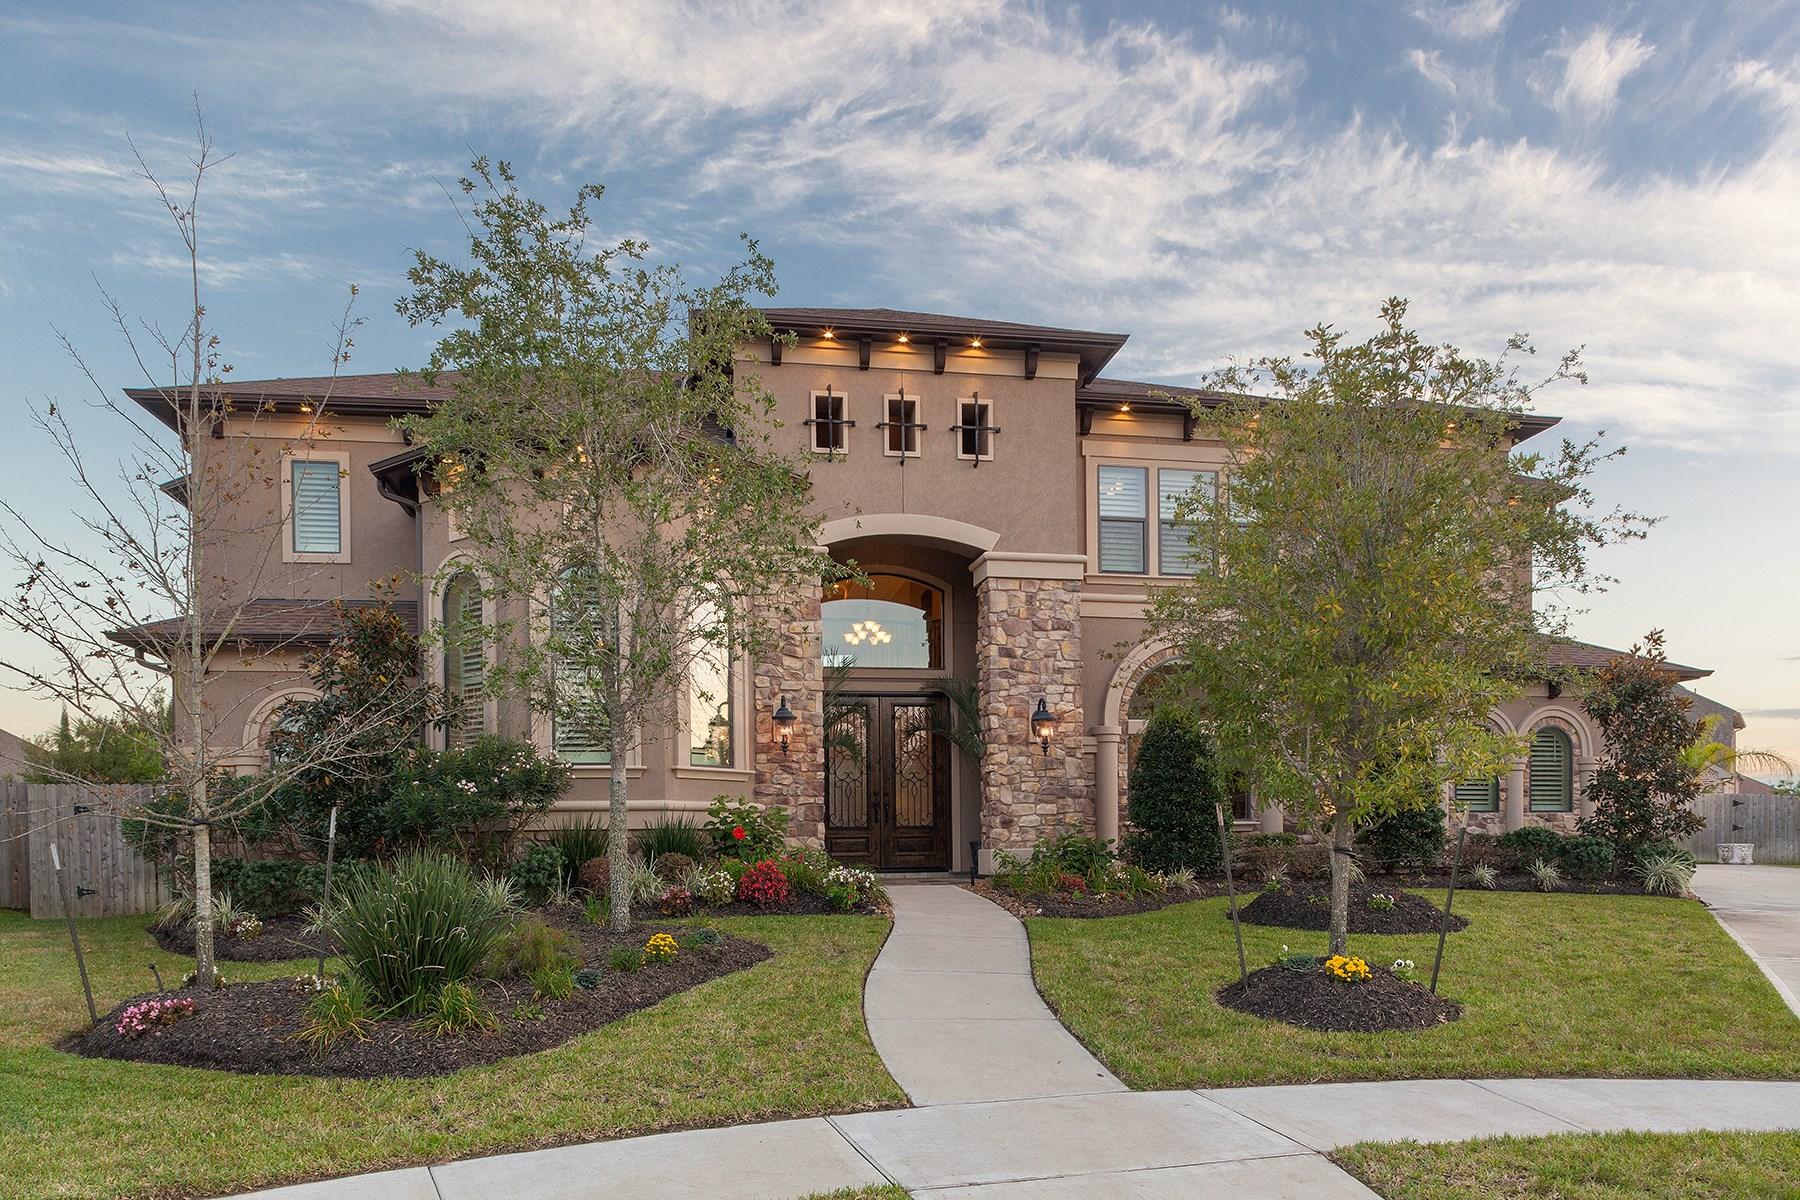 Maison unifamiliale pour l Vente à 1113 Hackberry Branch Lane Friendswood, Texas 77546 États-Unis